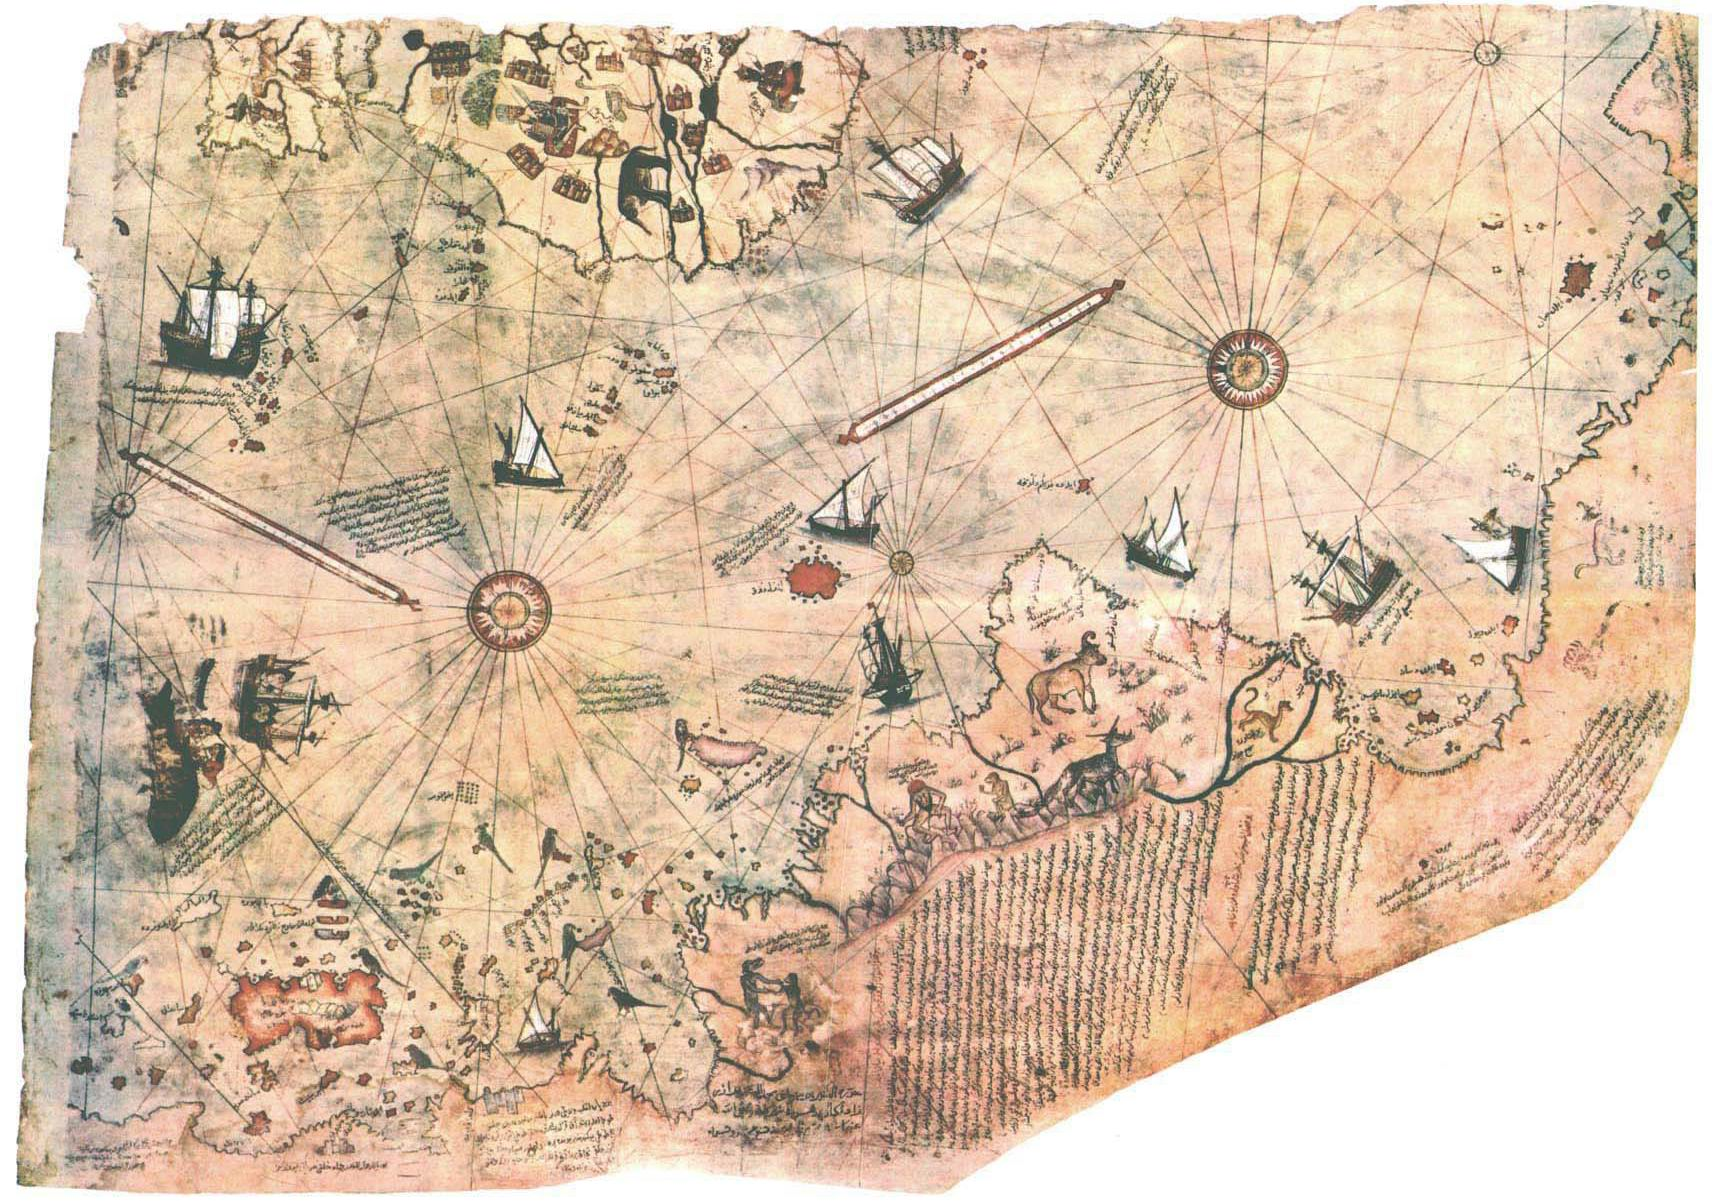 Antieke kaarten Antarctica impliceren prehistorische beschaving